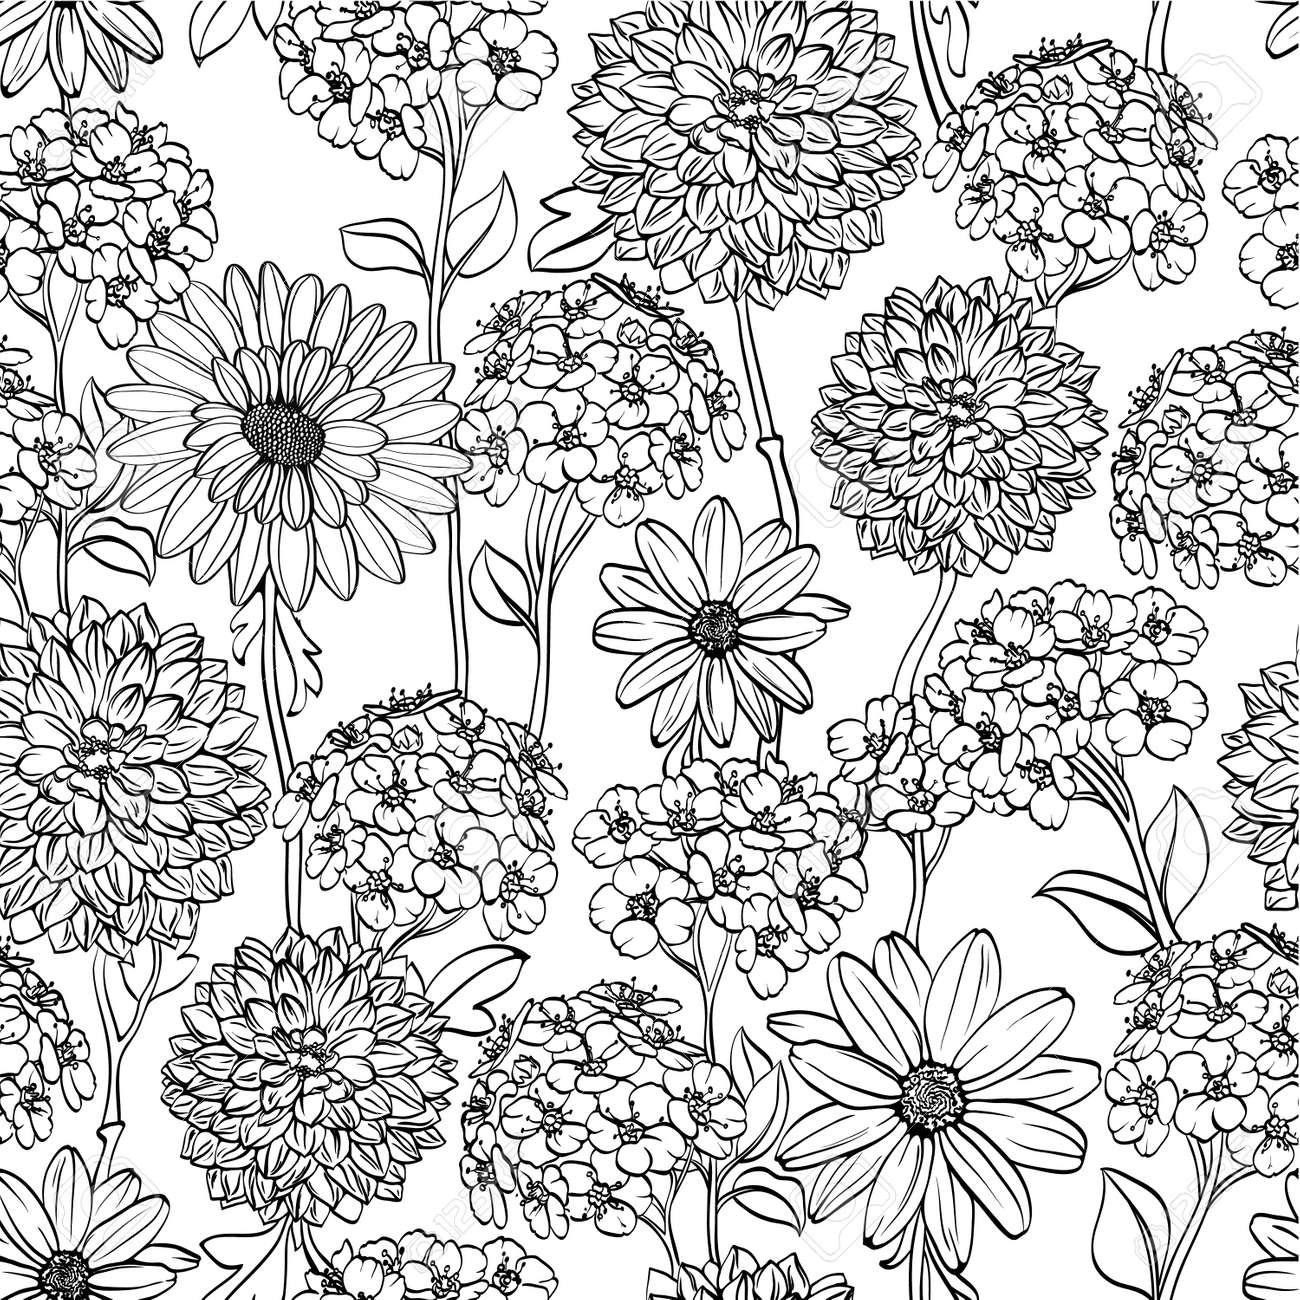 Noir Et Blanc Motif Floral Transparente Avec Des Fleurs Dessinées à La Main